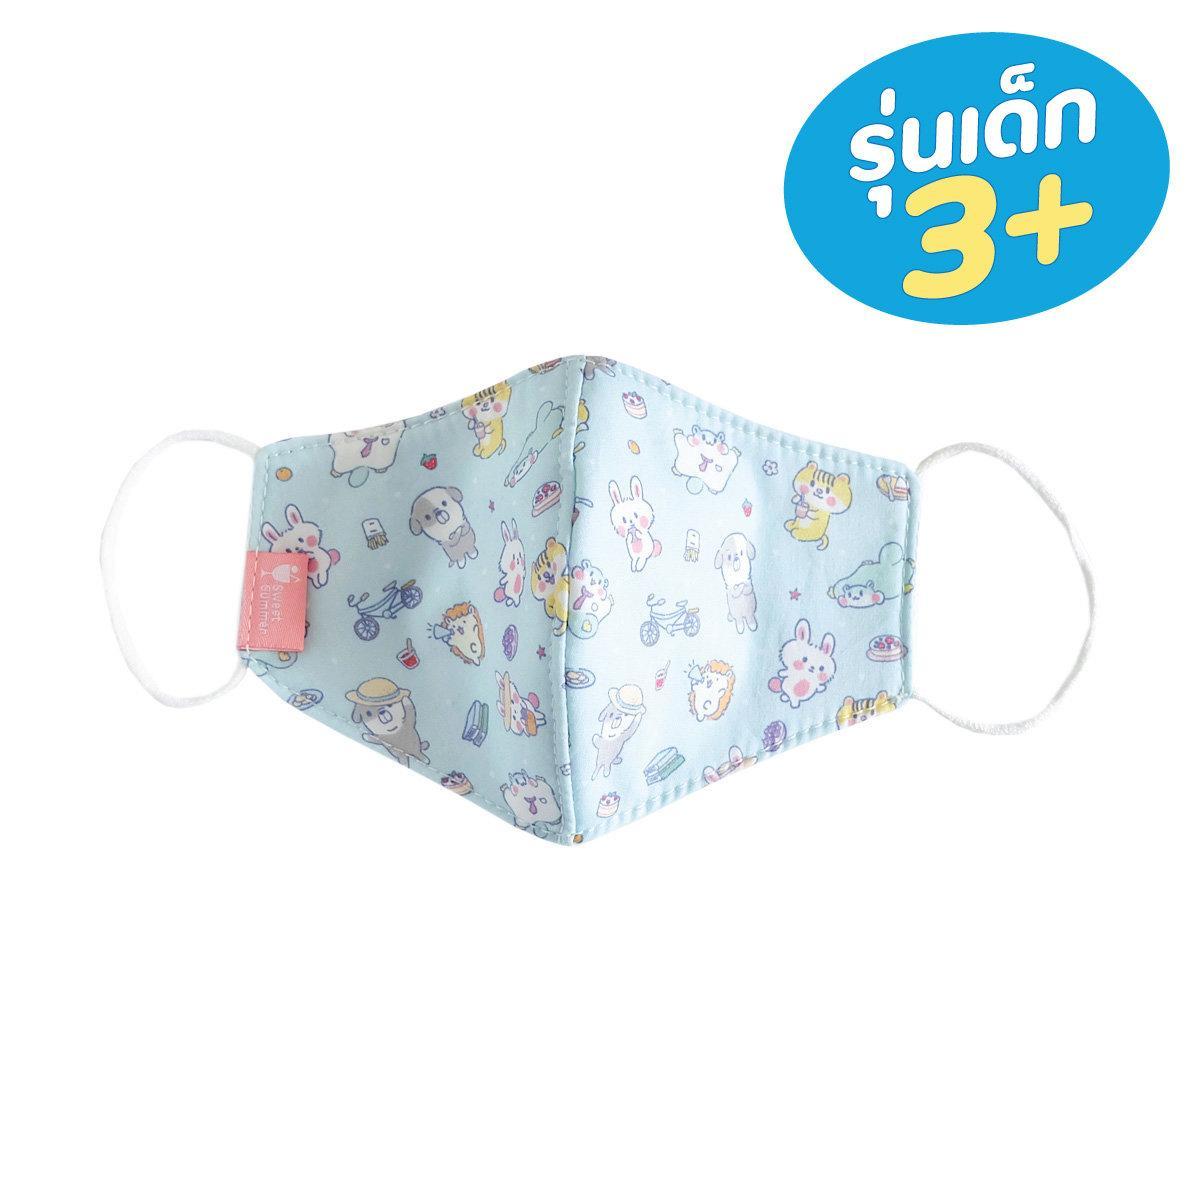 สวีทซัมเมอร์ : หน้ากากอนามัย : ผ้าคอตตอน (3D) ของเด็ก : ลาย ลิตเติ้ลเอมิโกะ (สีฟ้า)